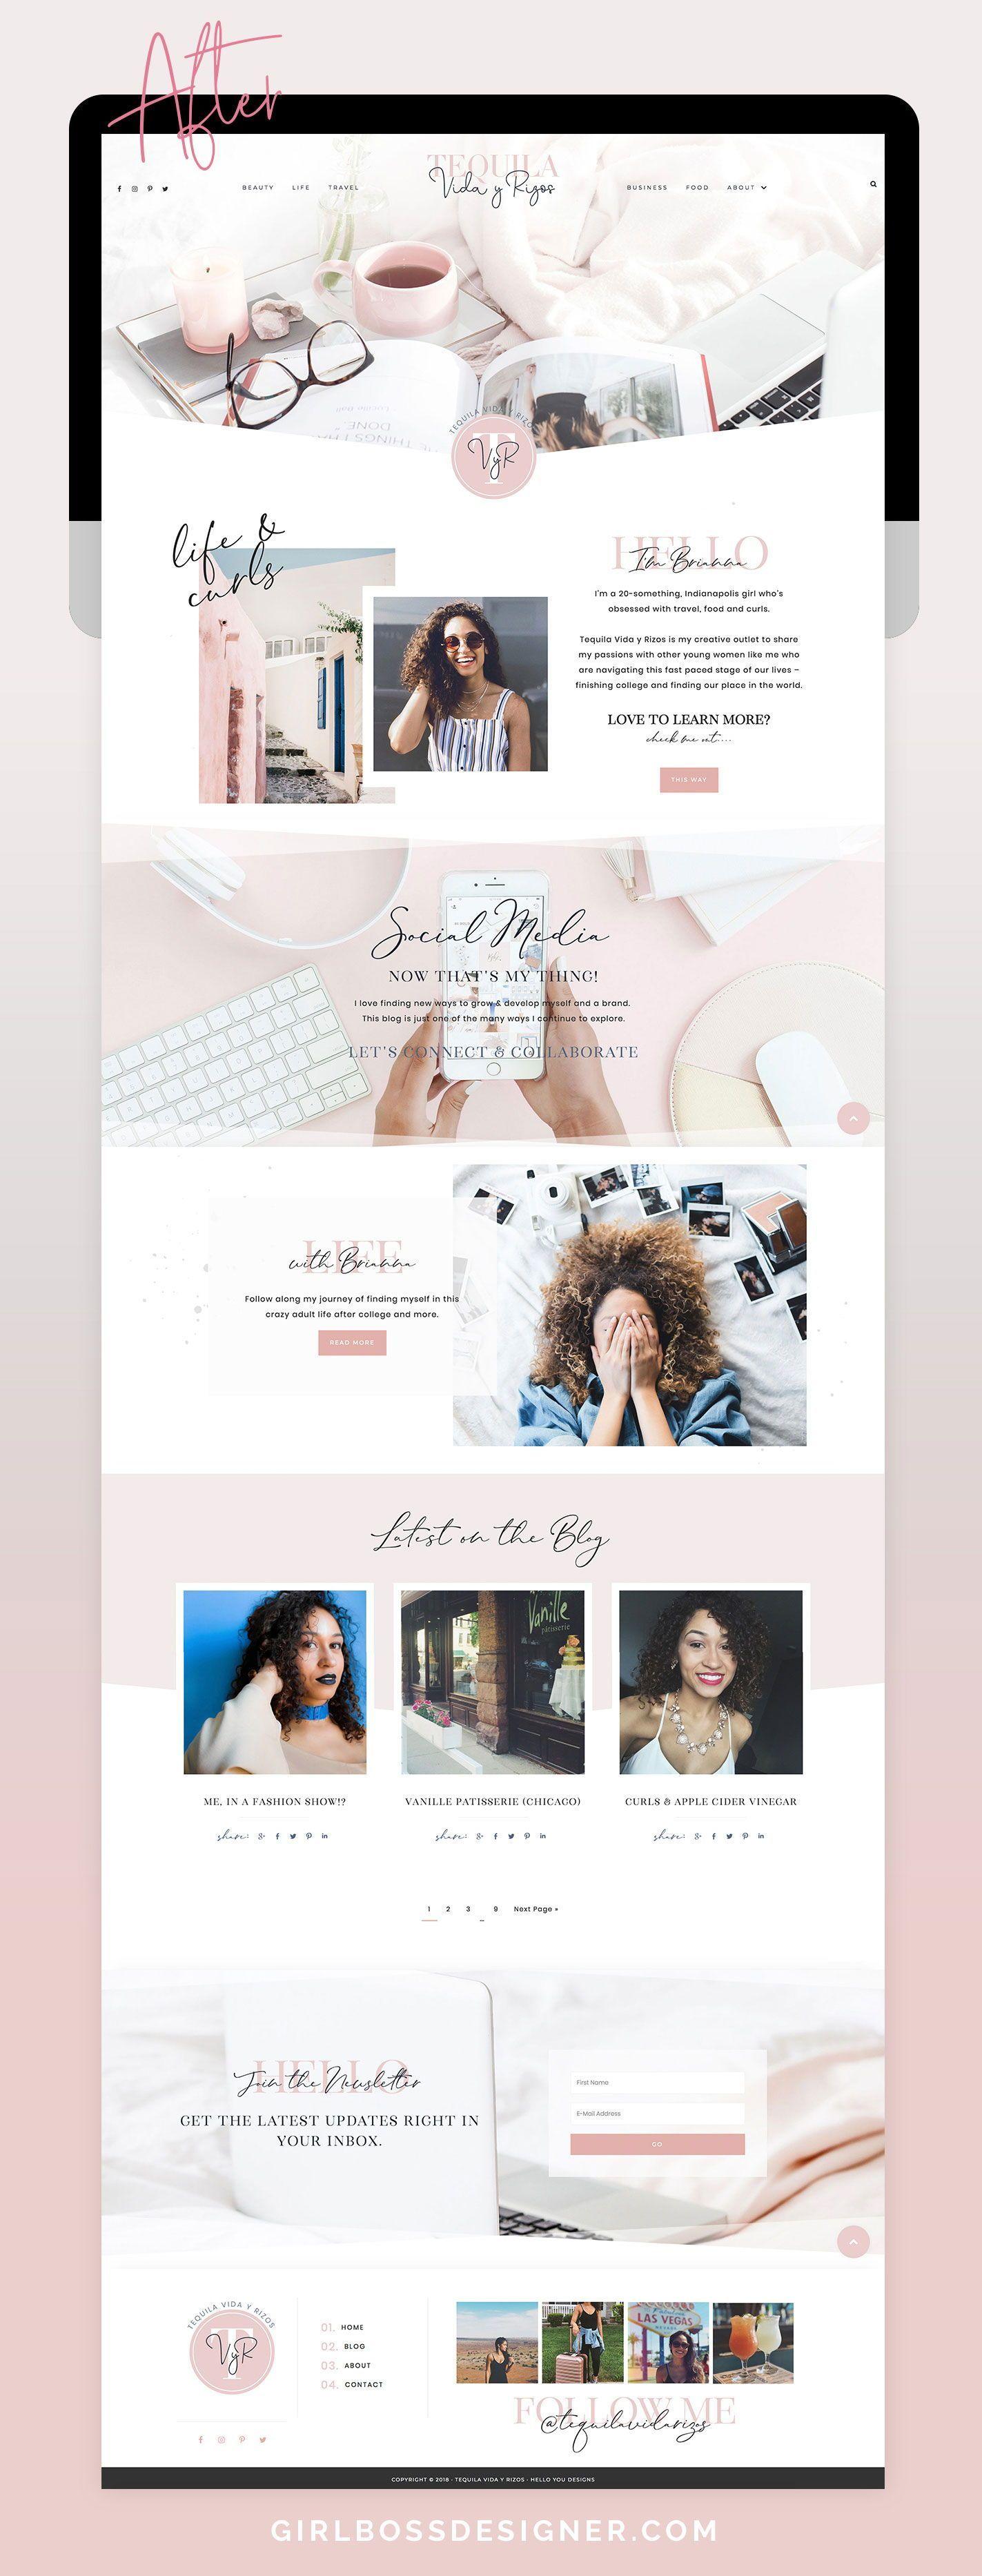 Blush and navy feminine wordpress blog design for lifestyle blog by Girlboss Designer  #girlboss #logodesign #colorpalette #girlbossdesigner #womentrepreneurs #femaleentrepreneurs #ladyboss #goaldigger #theeverygirl #branddesign #webdesign